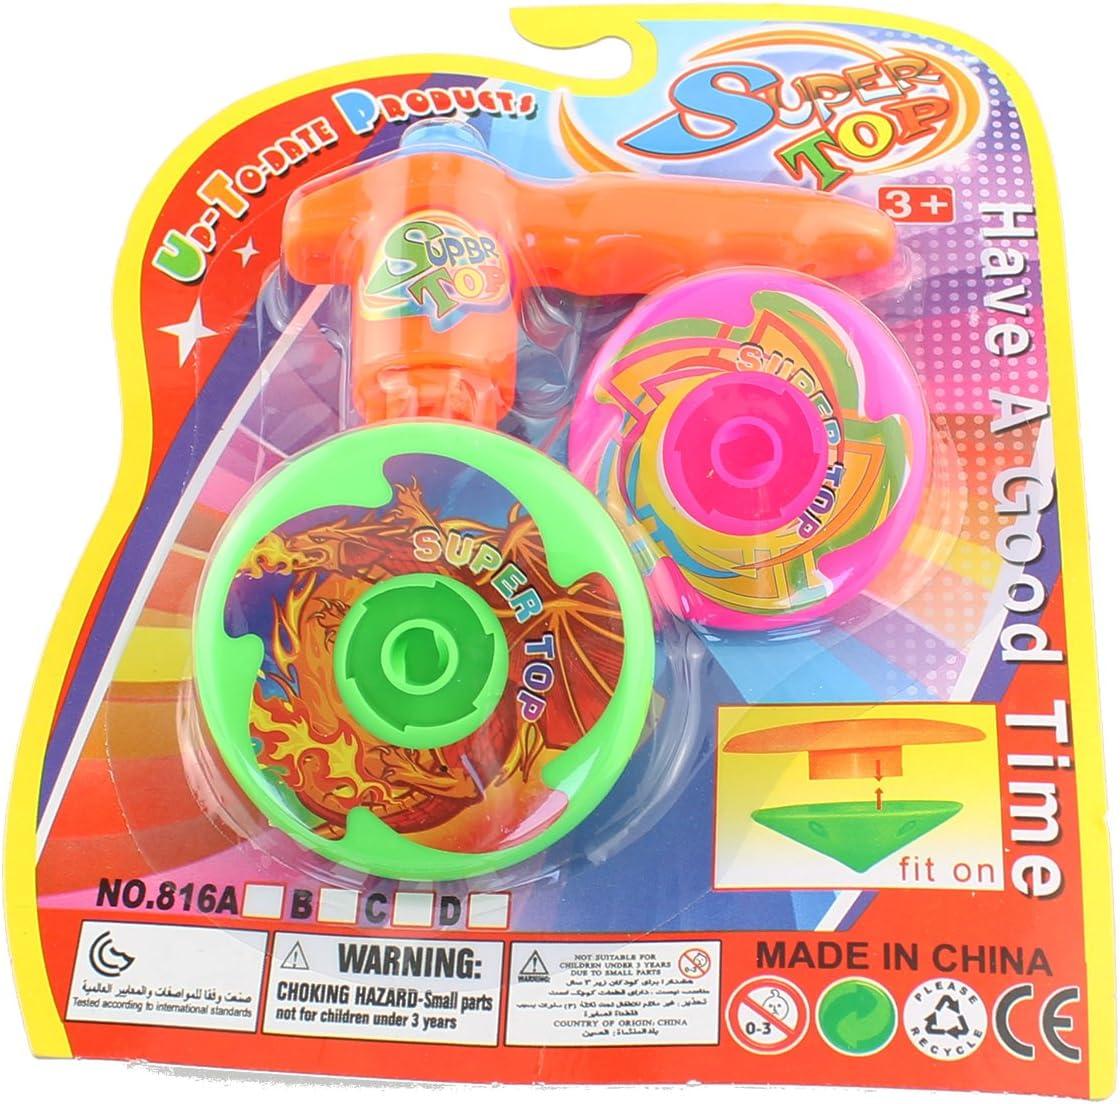 peonzas abschi Esser Juego 3. Piezas Super Spinning Multicolor Top obsequios: Amazon.es: Coche y moto